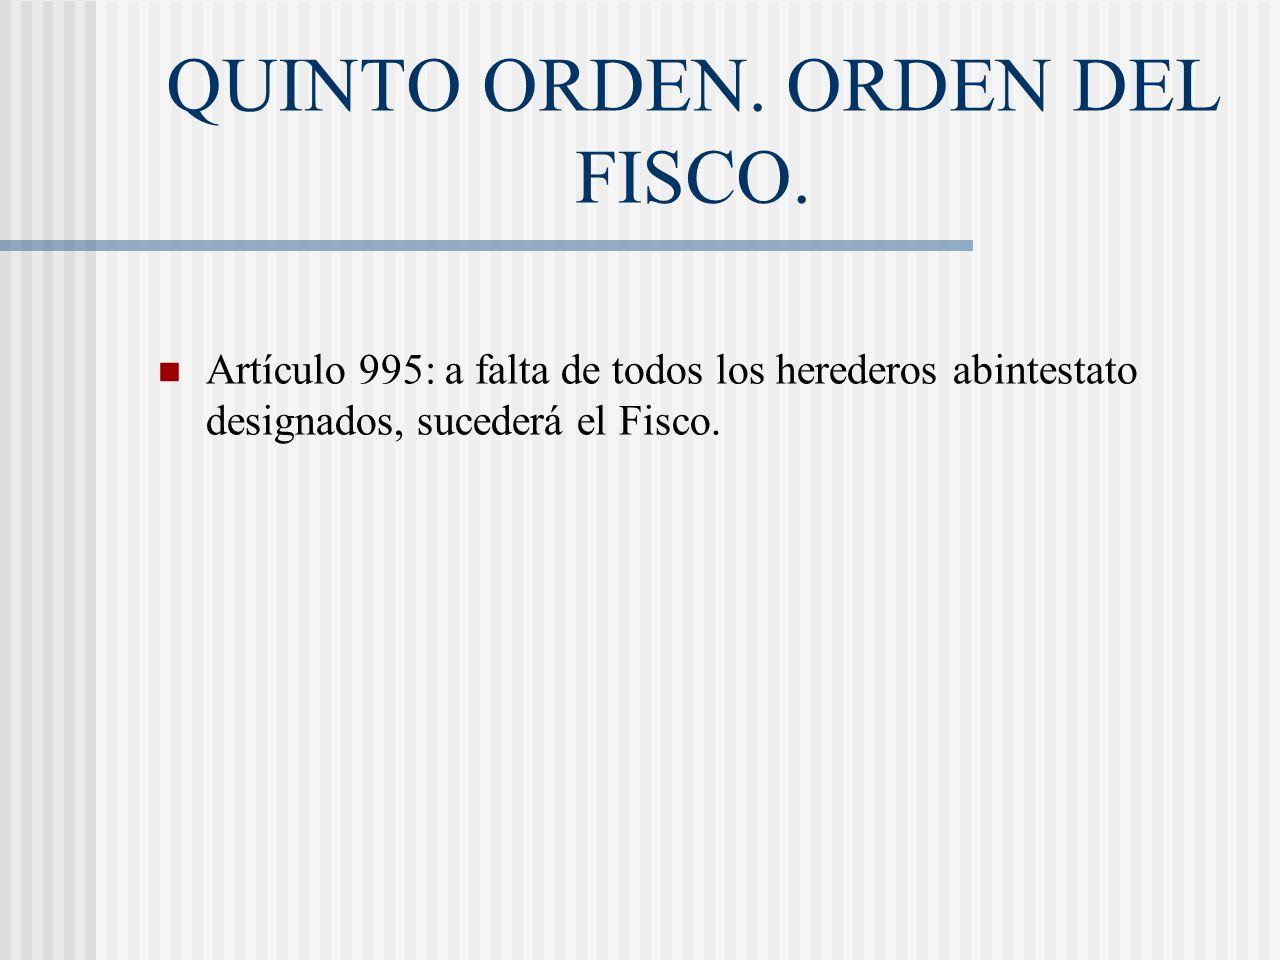 QUINTO ORDEN. ORDEN DEL FISCO.